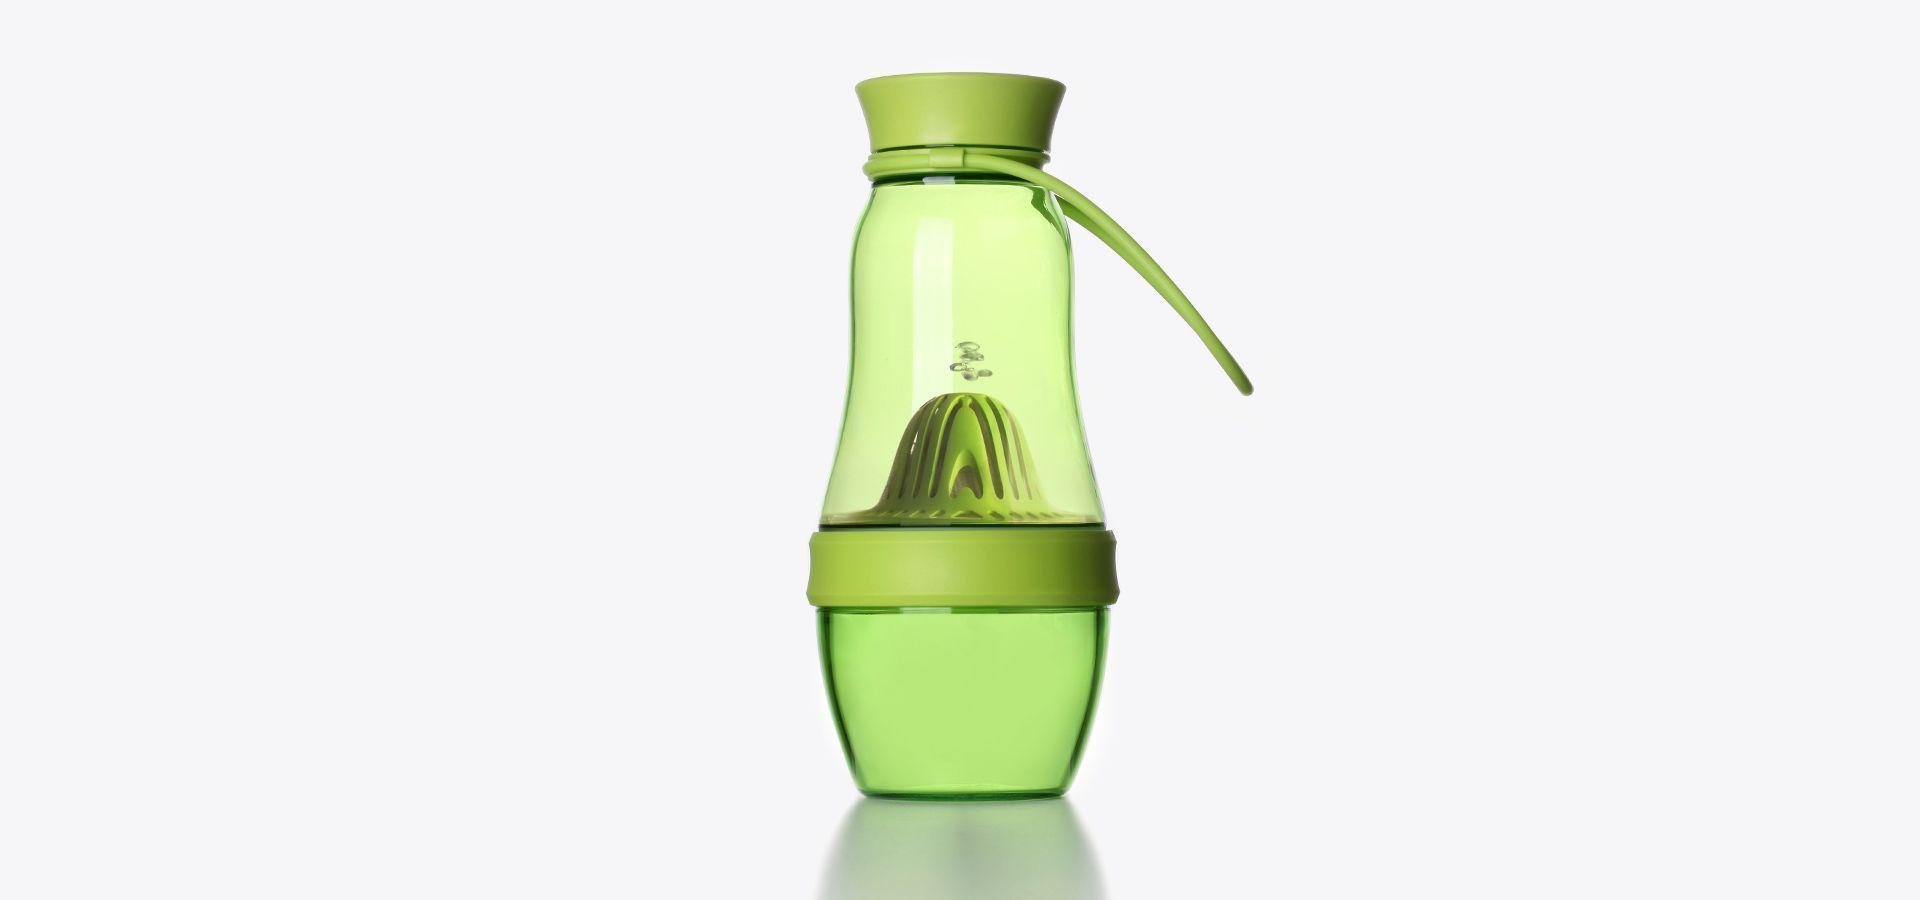 儿童柠檬瓶